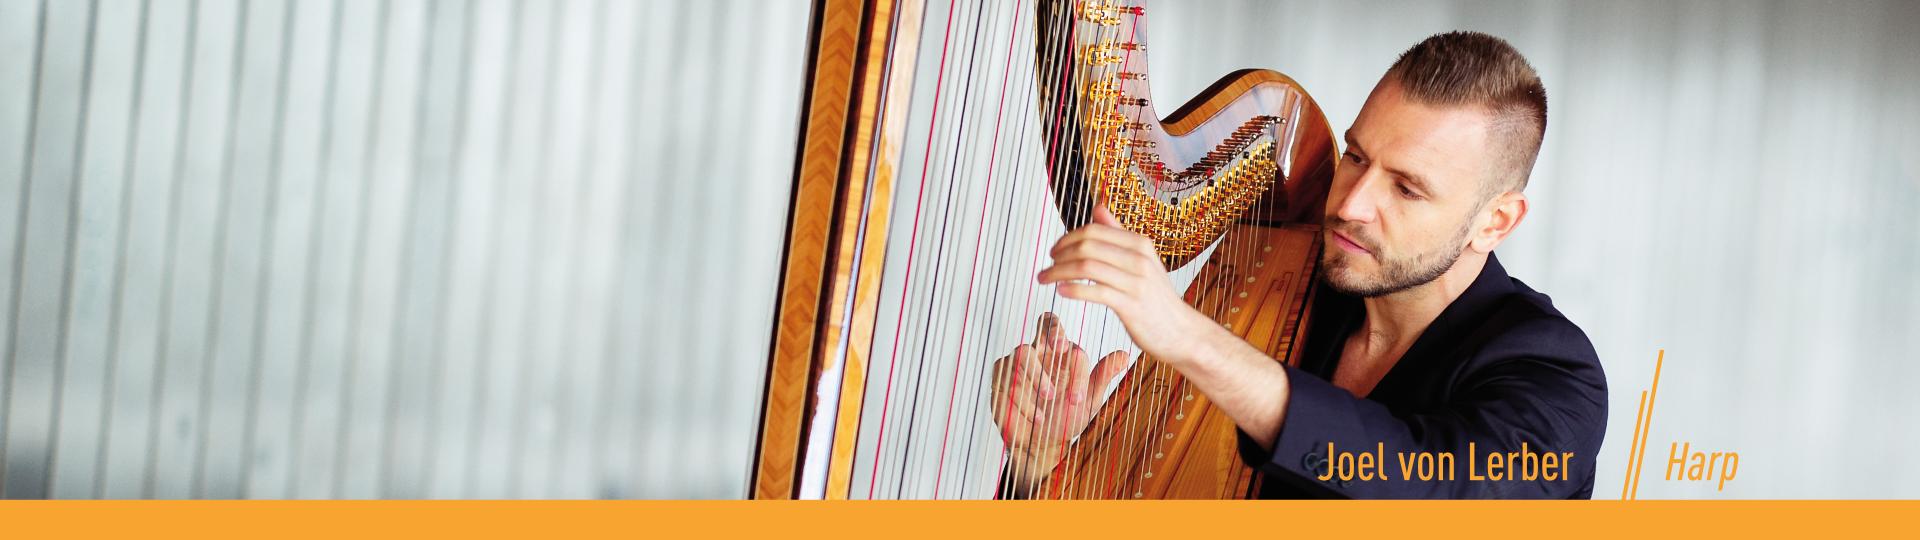 """Artwork """"harp"""" Joel von Lerber"""